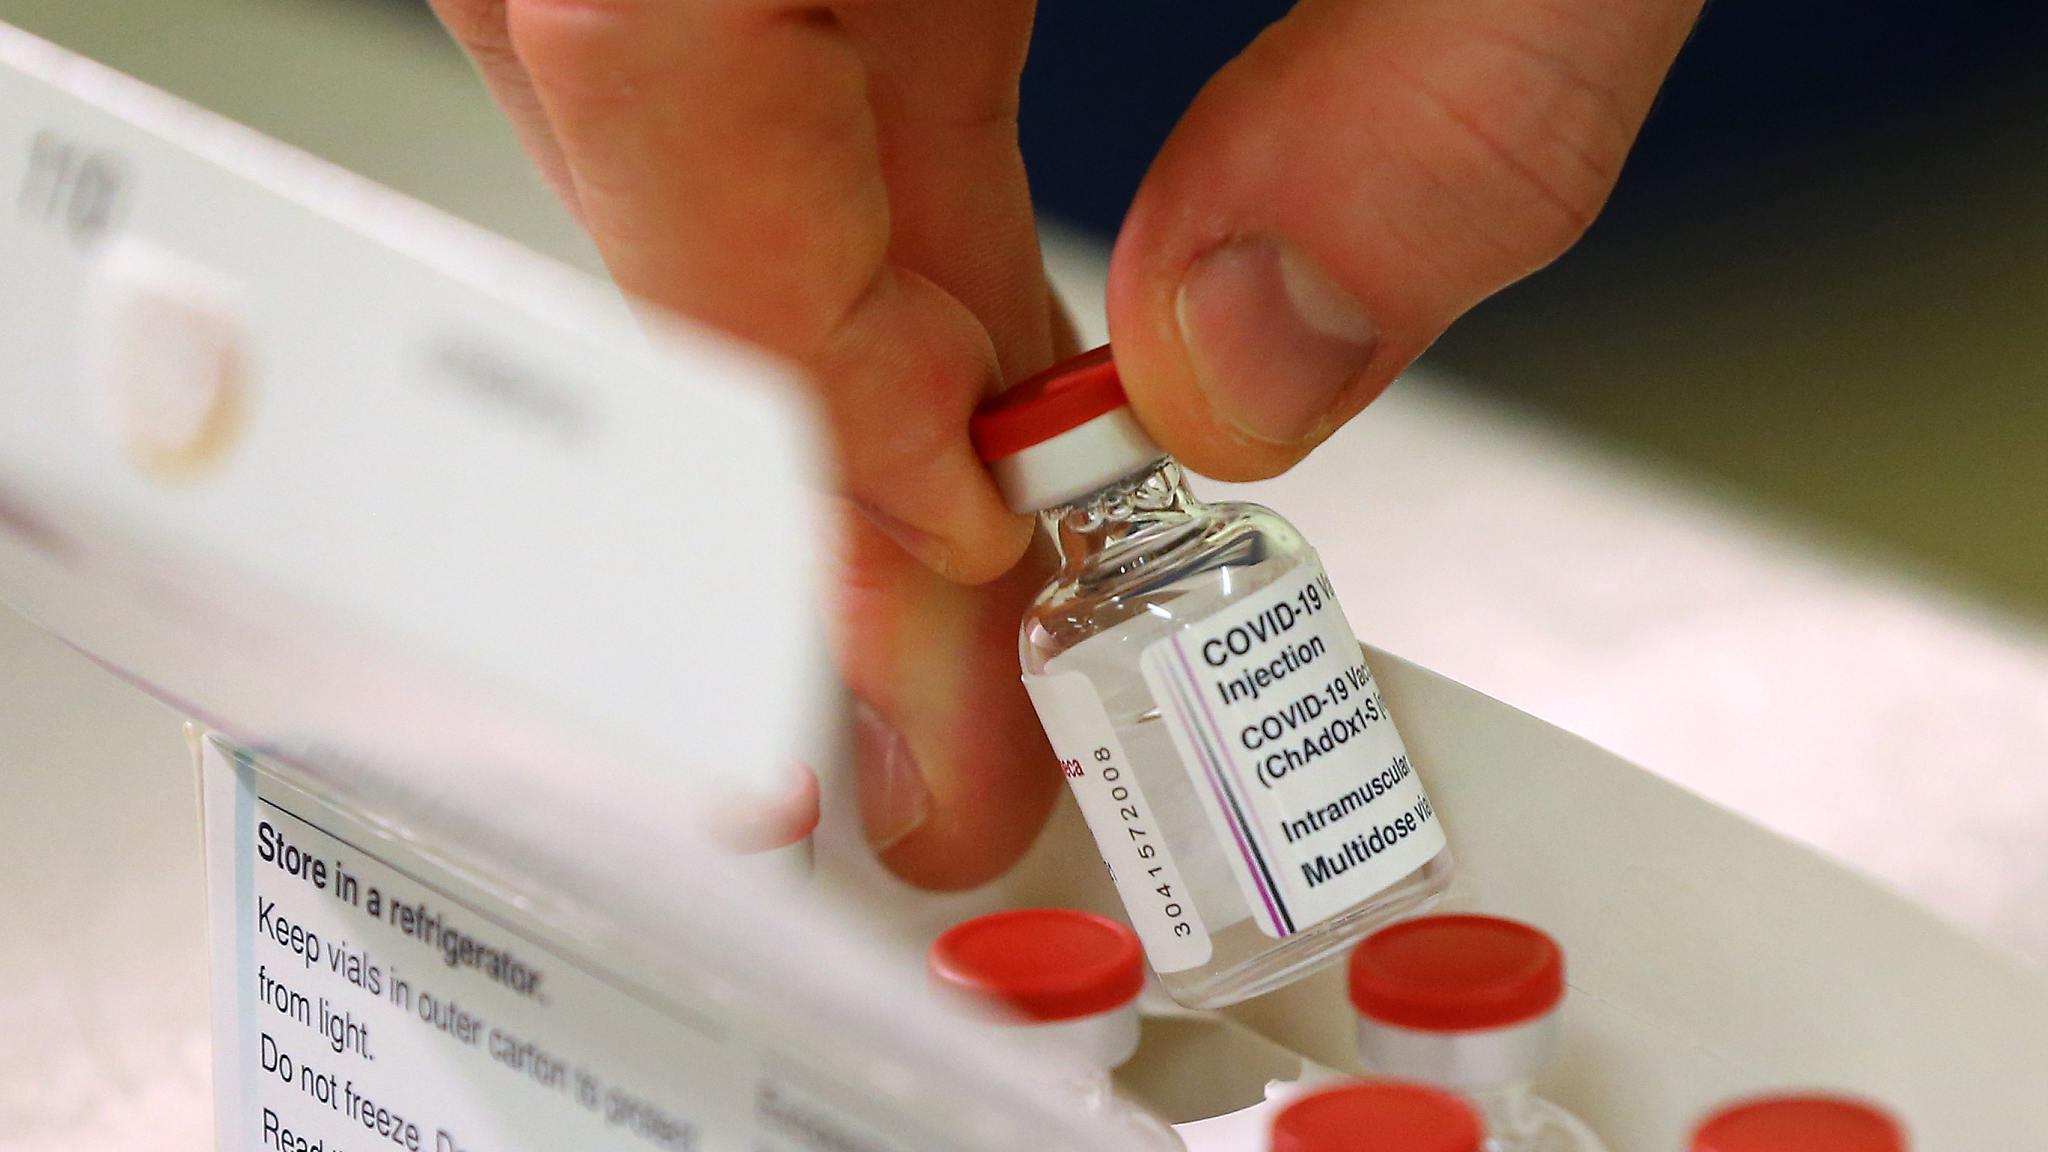 13991128000305 Test NewPhotoFree - توزیع واکسن کرونا از طریق «تیتک»/ آیا وزارت بهداشت از تجربههای شکستخورده عبرت میگیرد؟